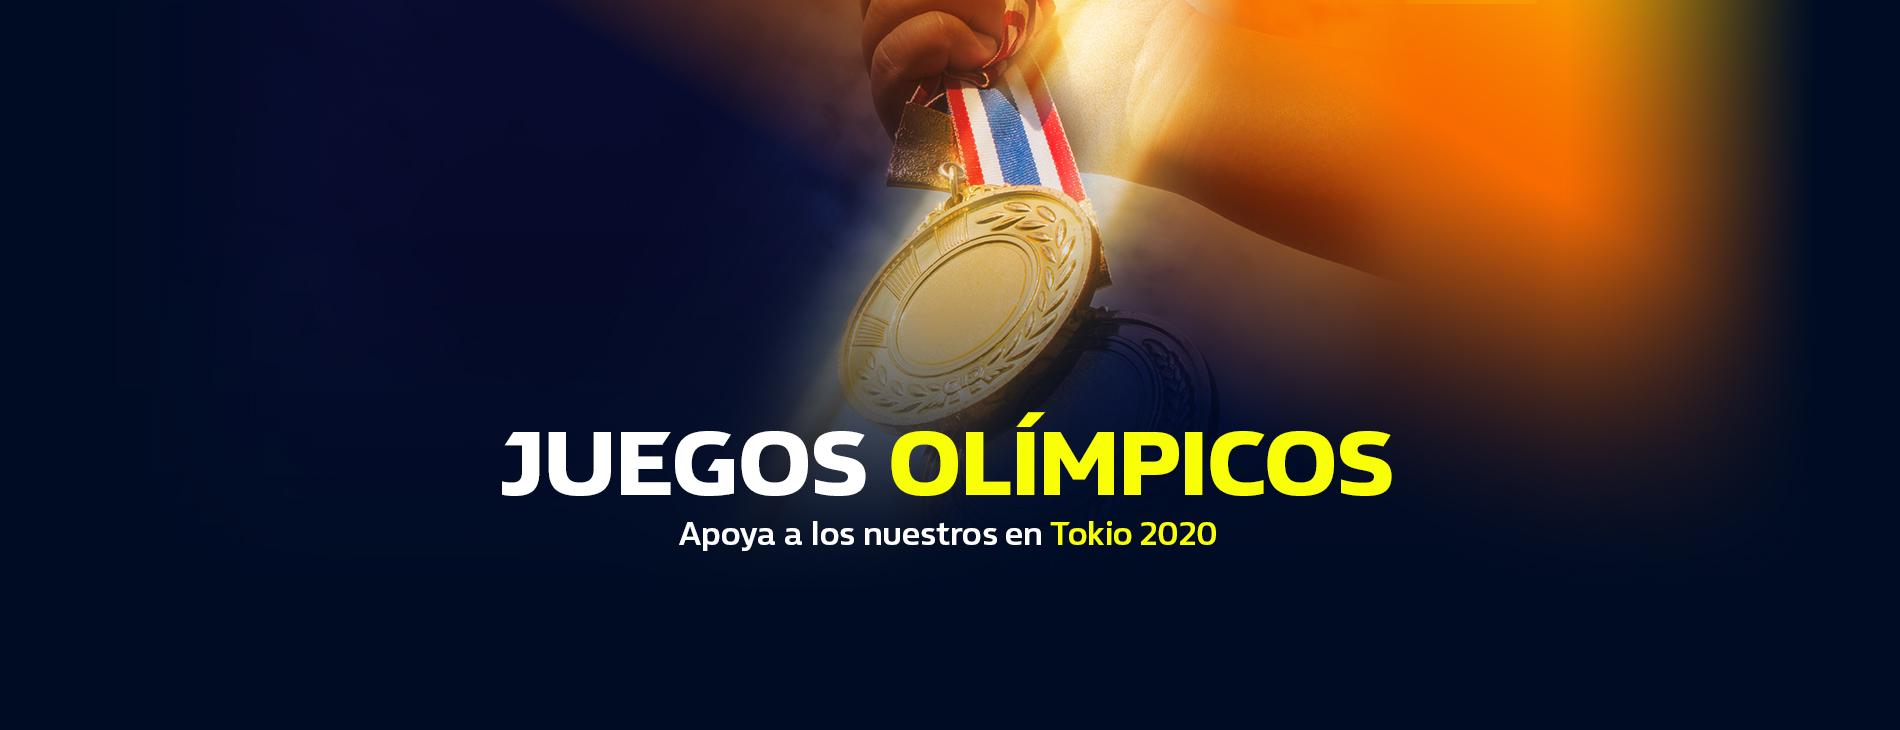 Juegos-olimpicos_full